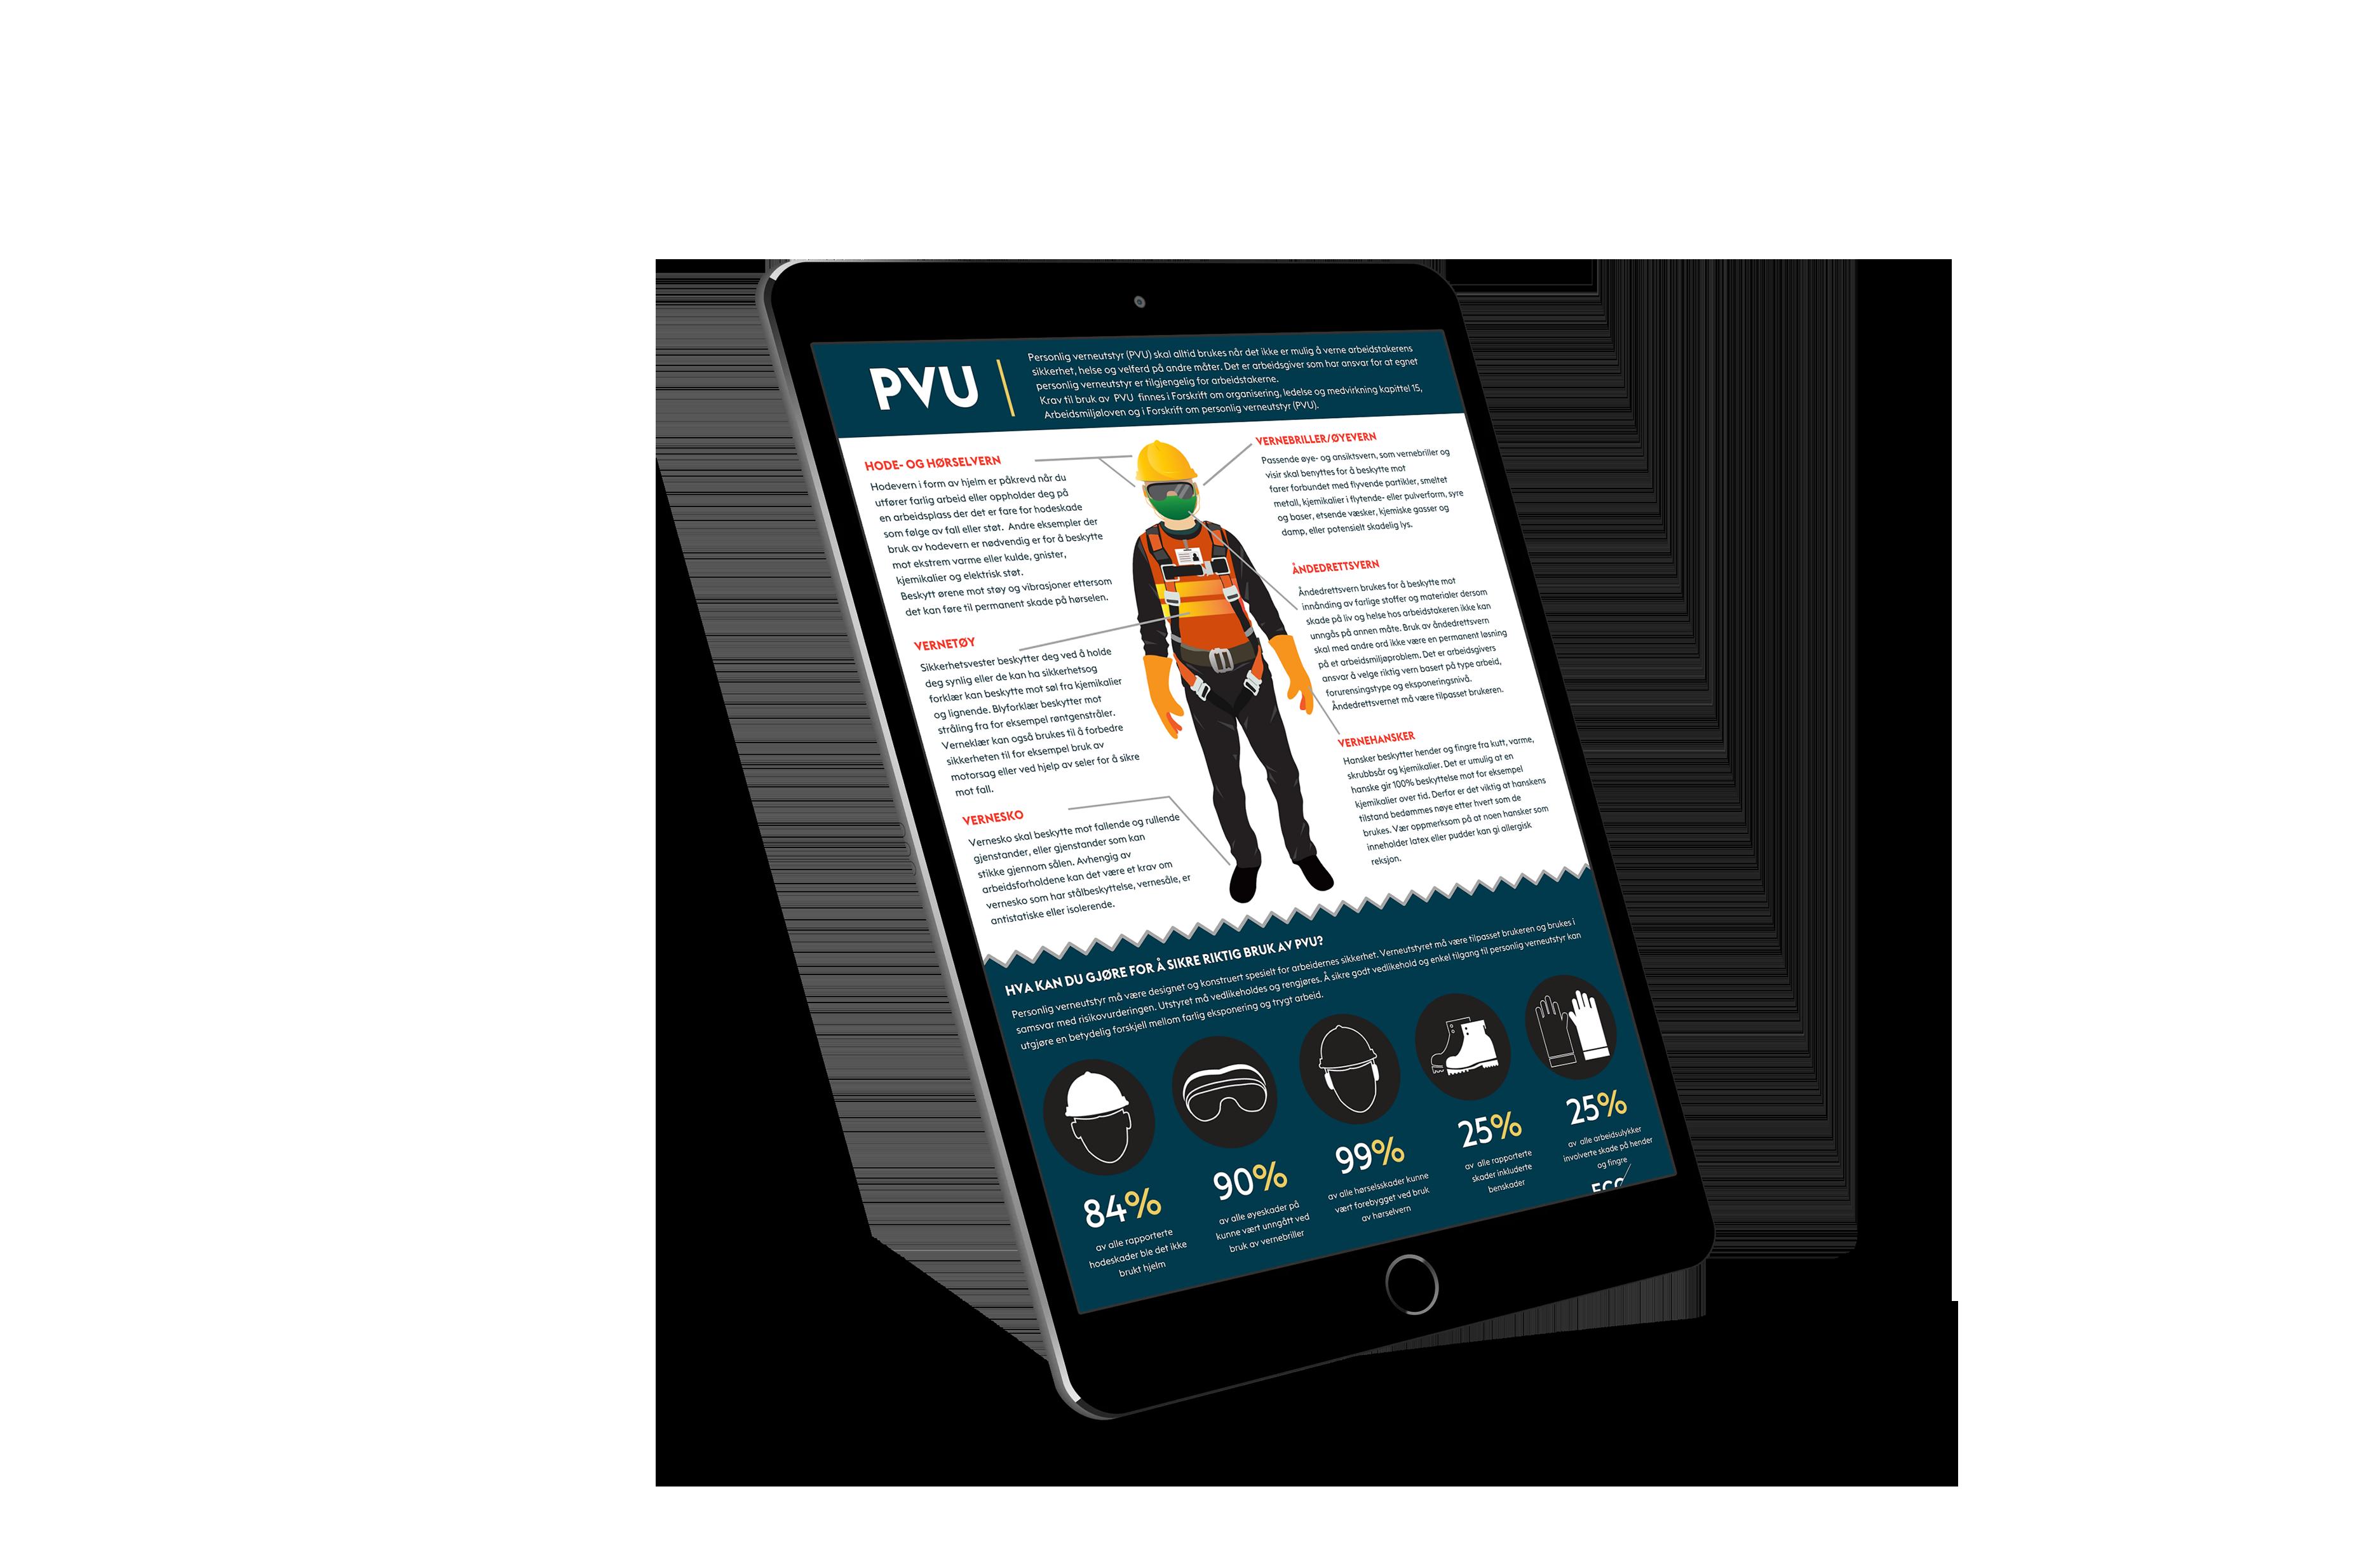 Veiledning for Personlig verneutstyr (PVU)-1